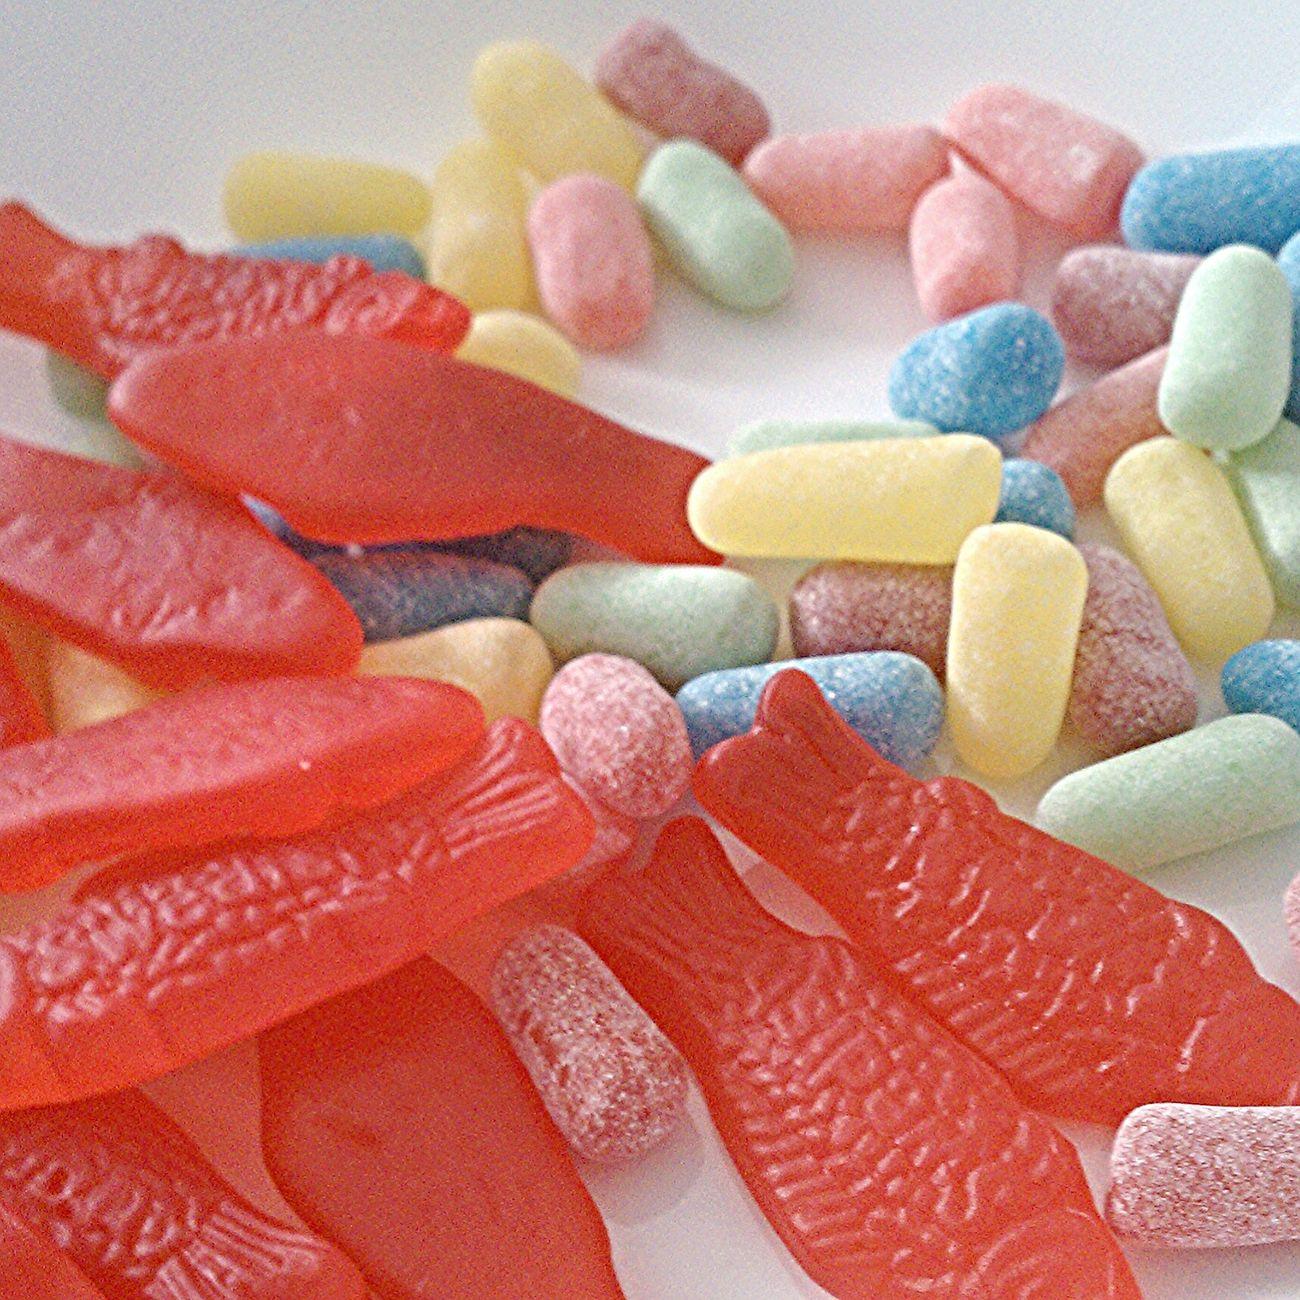 Candy Mike&ike Swedishfish